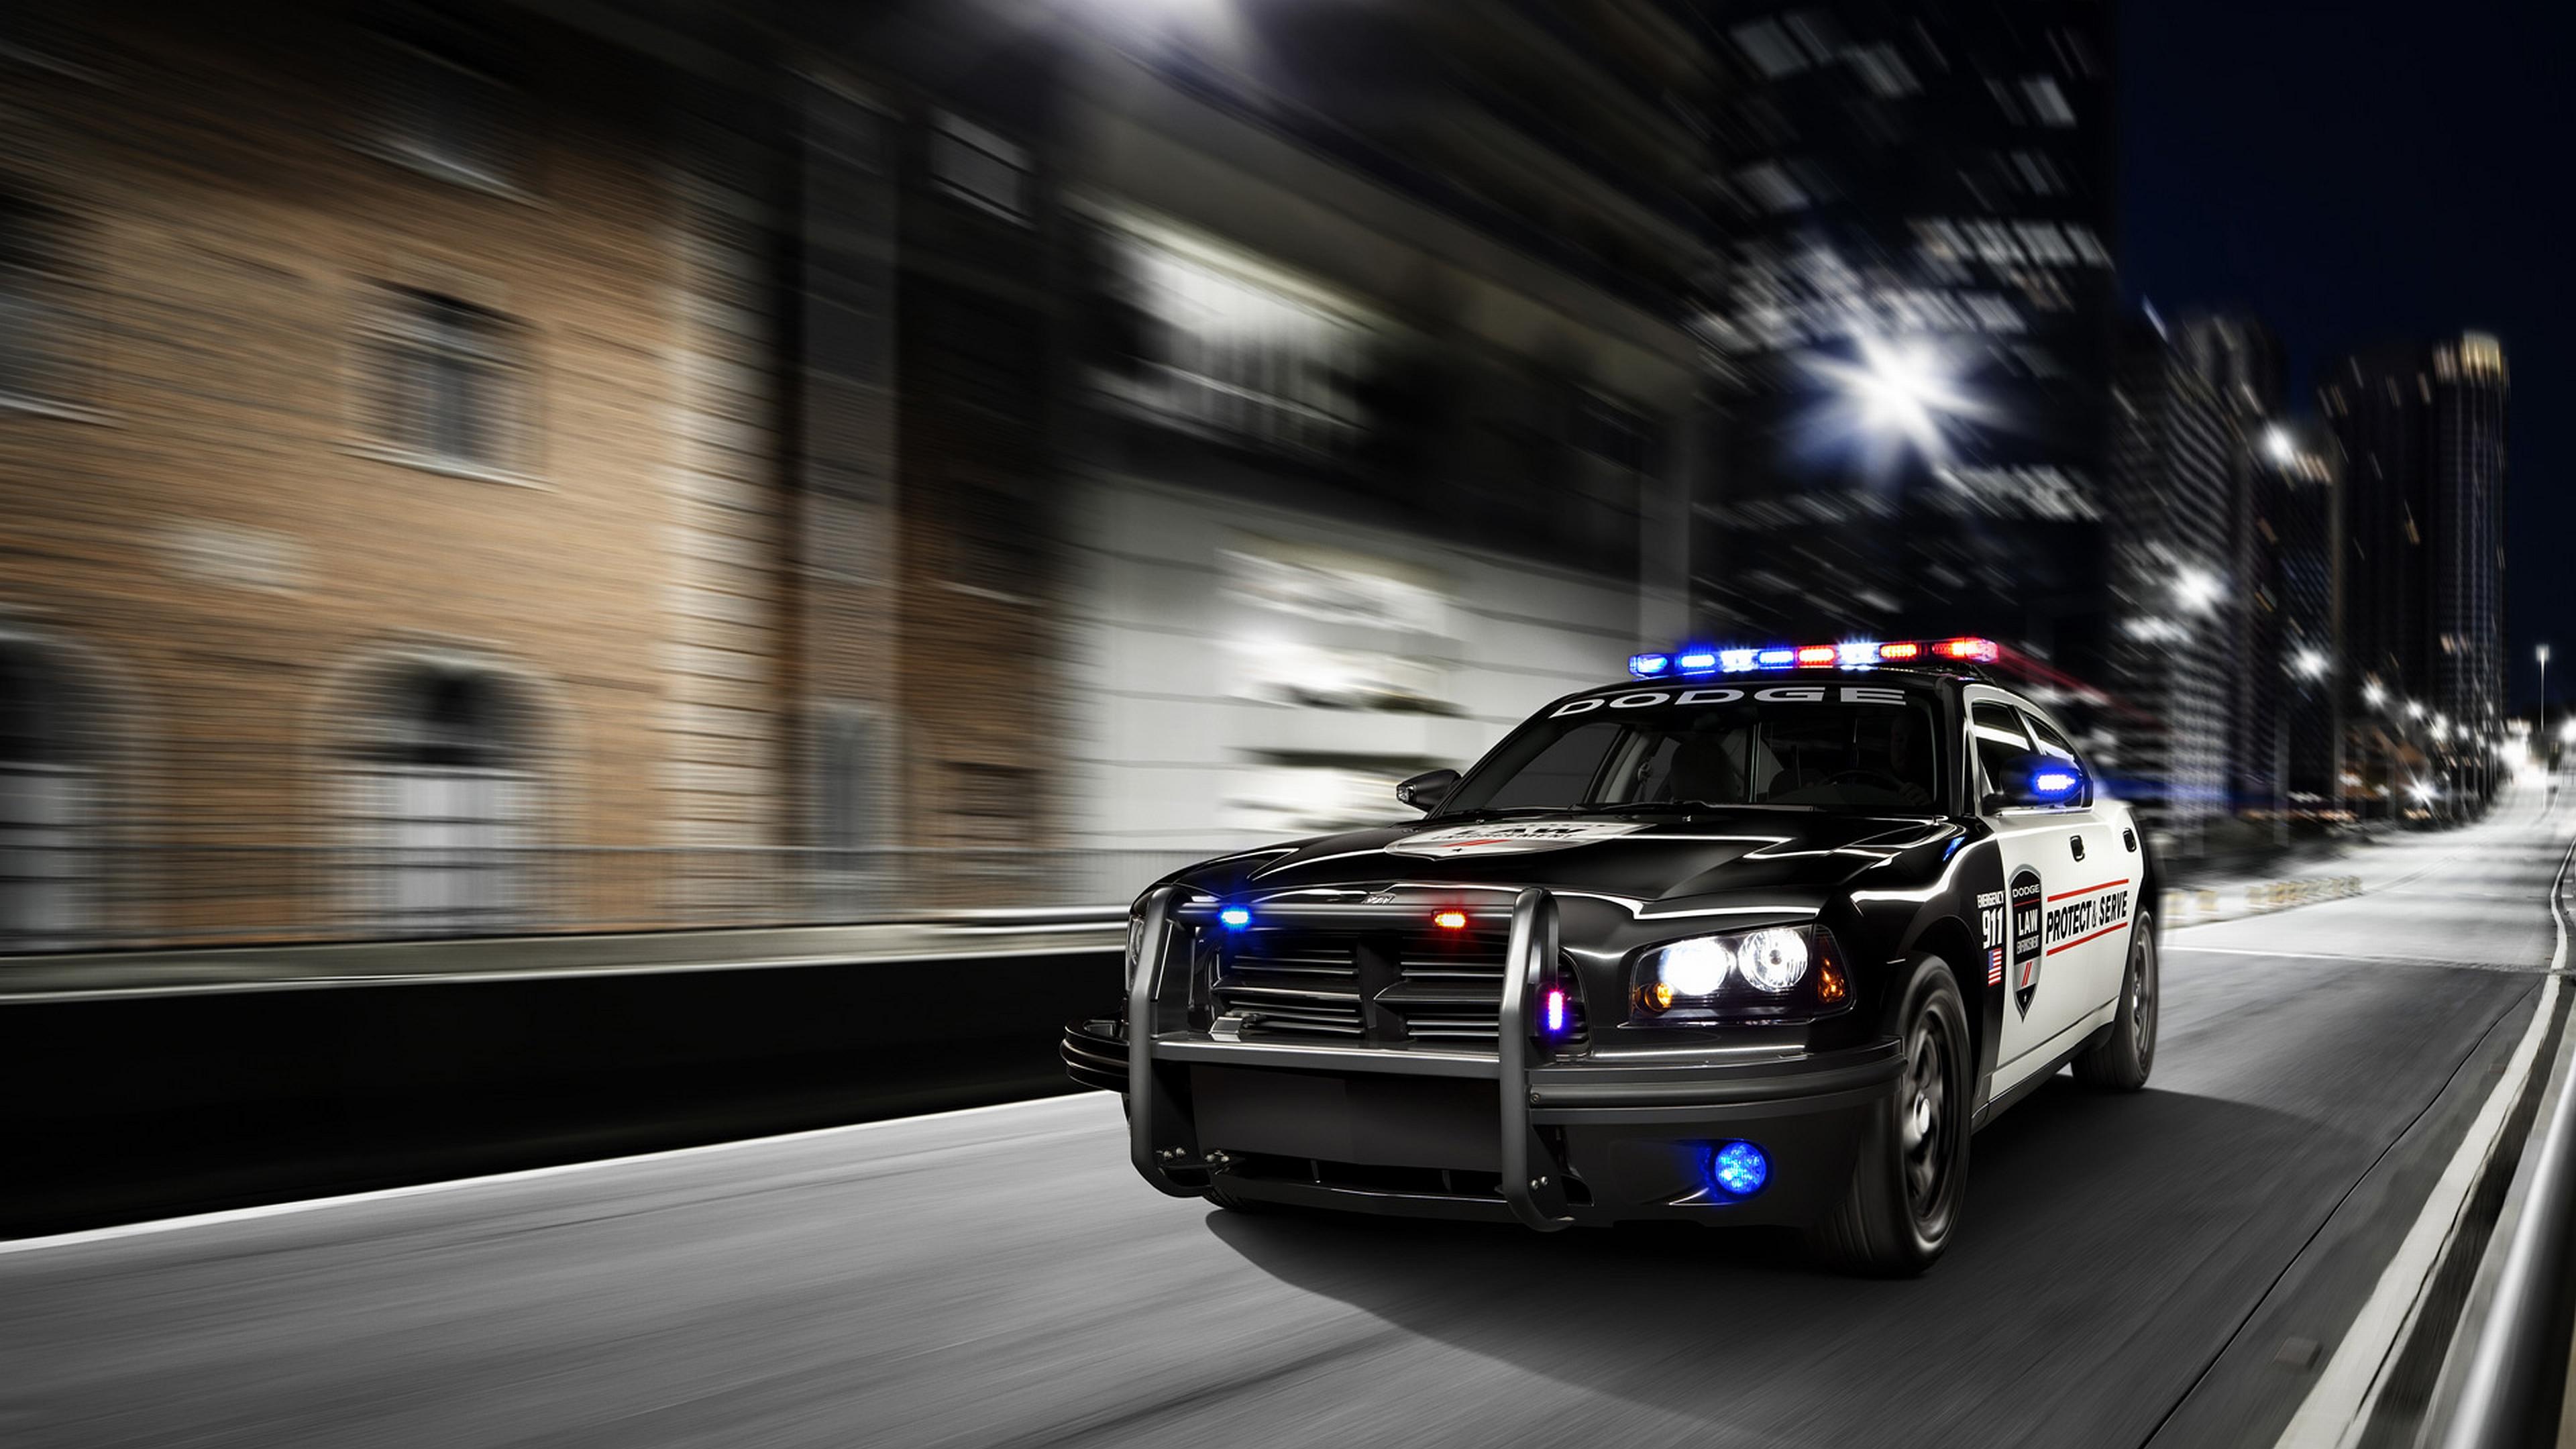 Policia Fondos De Pantalla Fondos De Escritorio